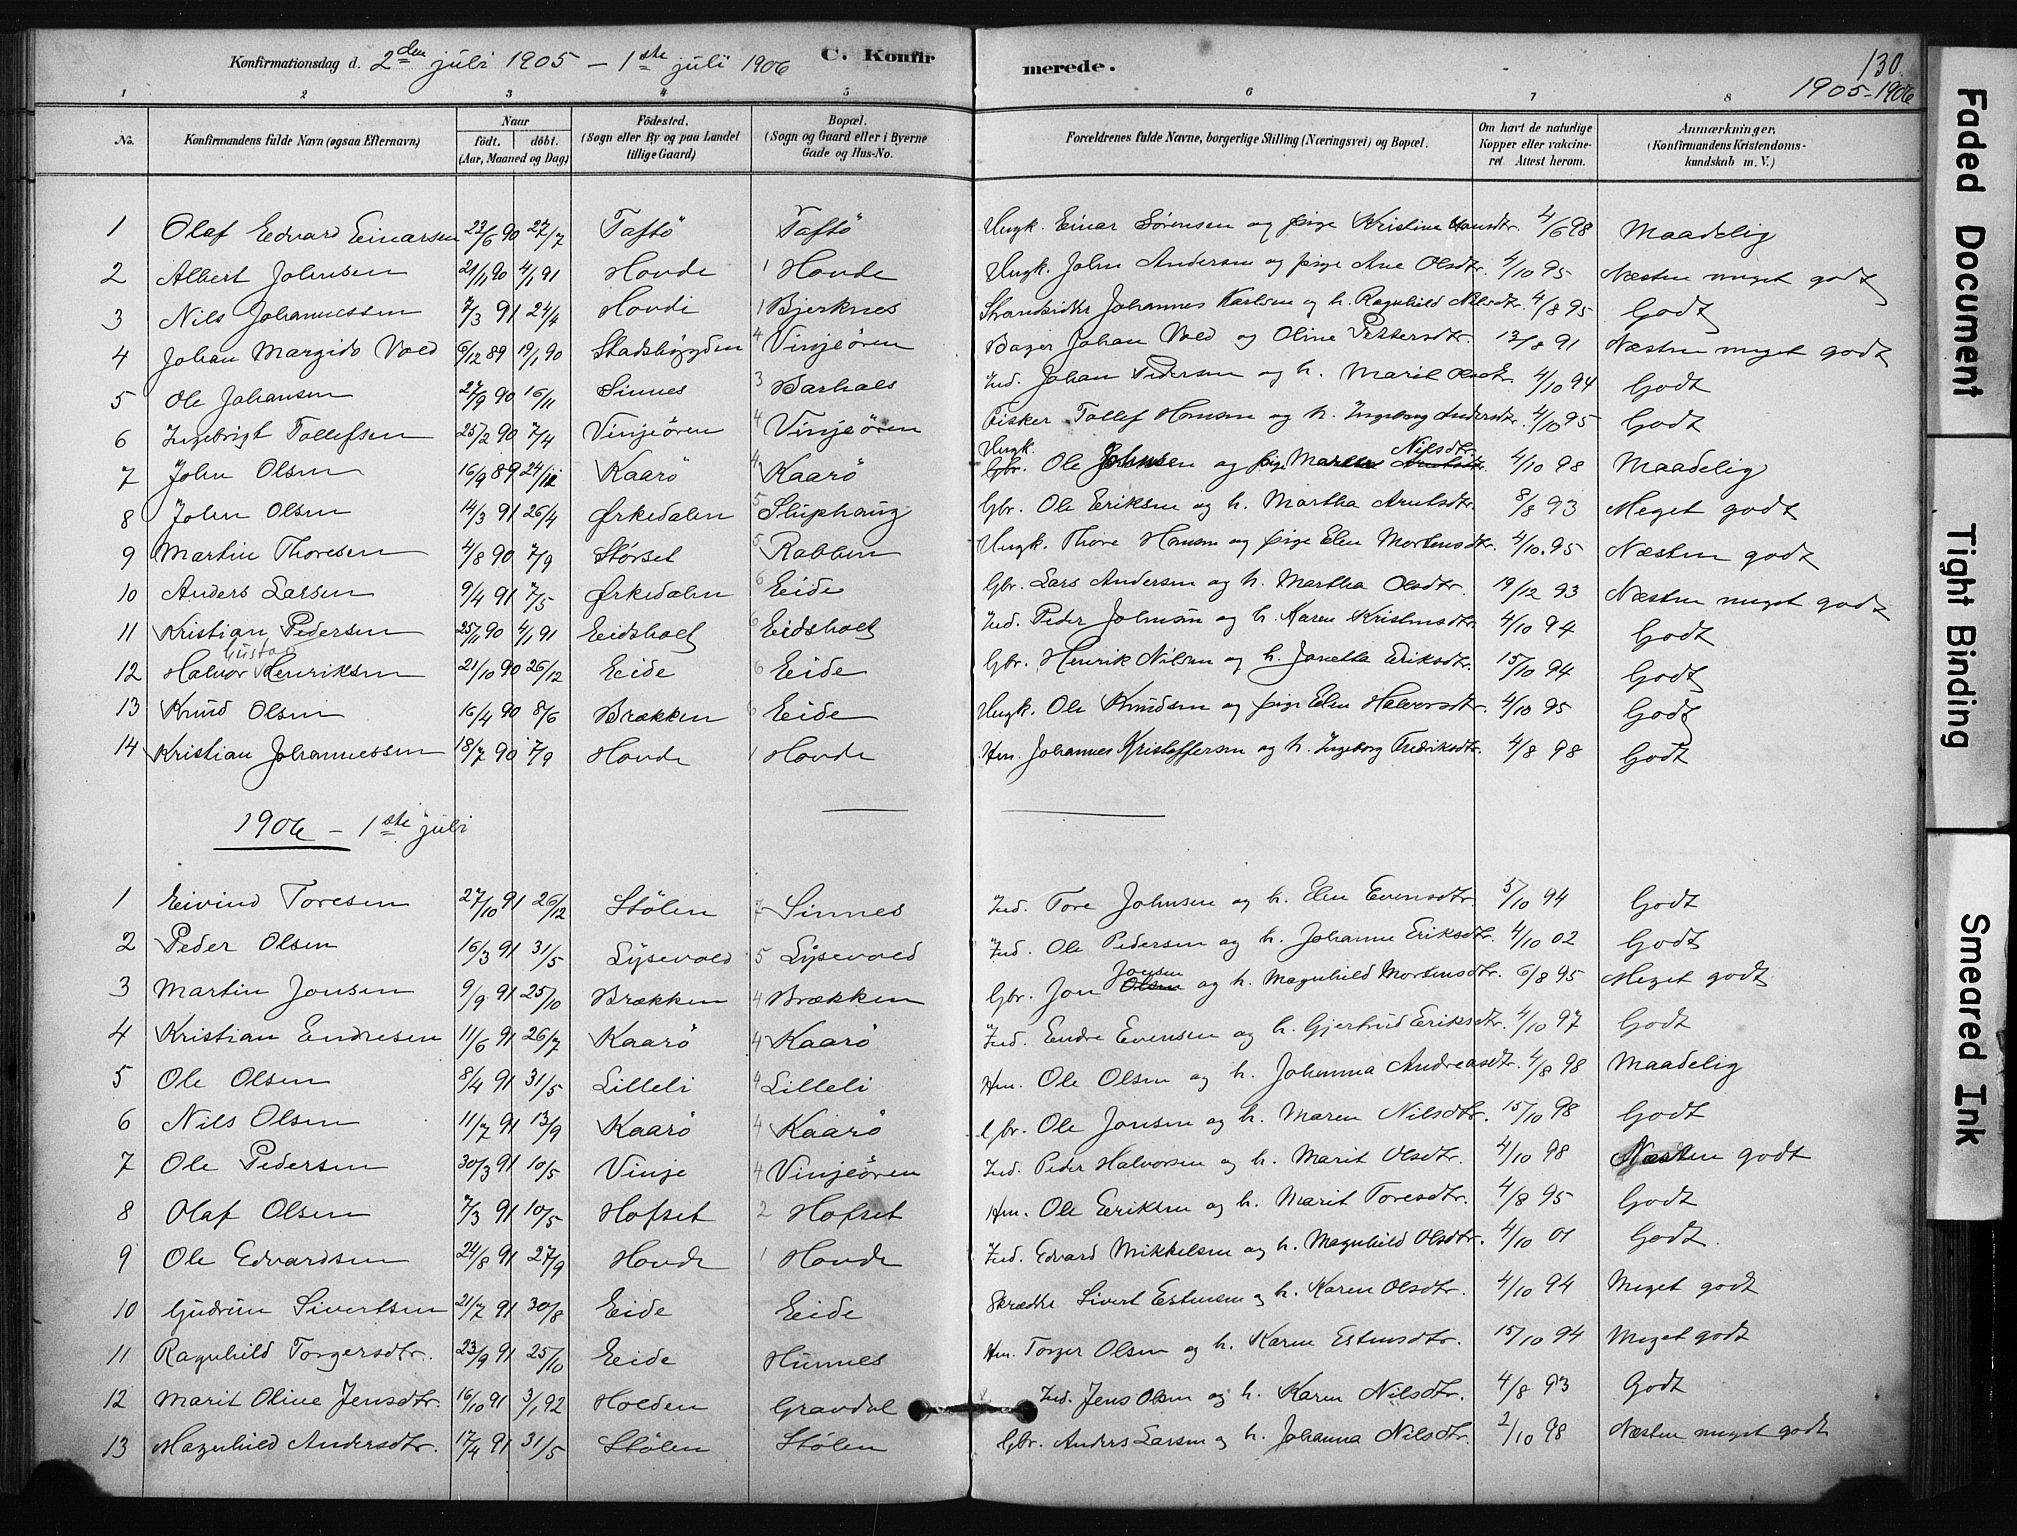 SAT, Ministerialprotokoller, klokkerbøker og fødselsregistre - Sør-Trøndelag, 631/L0512: Ministerialbok nr. 631A01, 1879-1912, s. 130